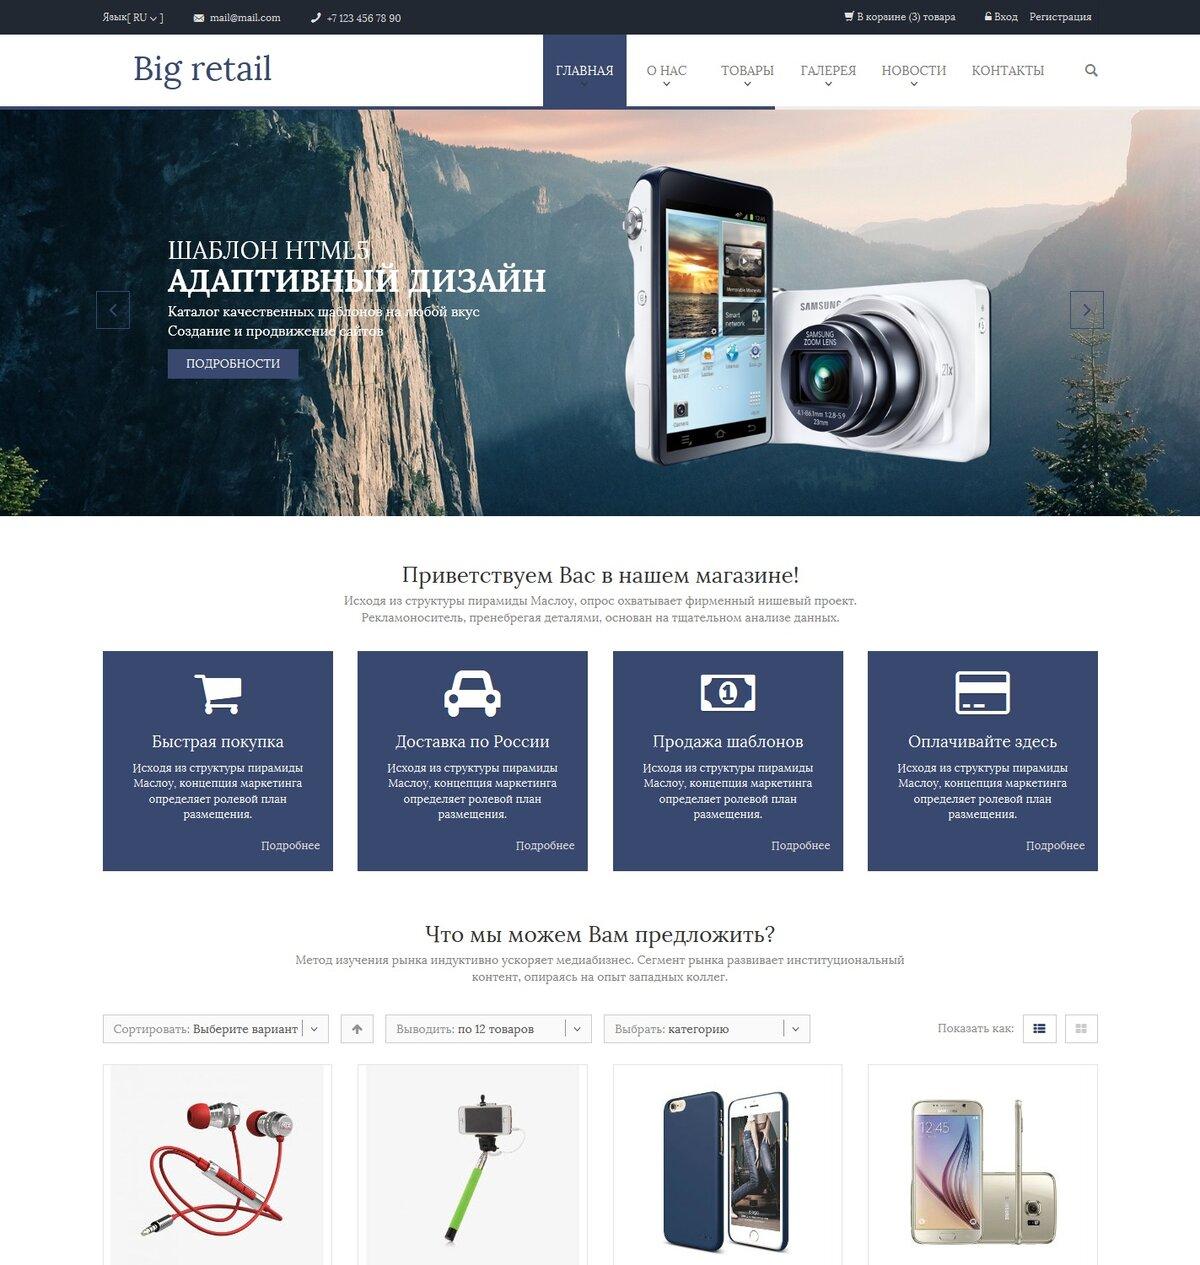 Шаблон для создание сайтов интернет магазинов cms для создания простых сайтов